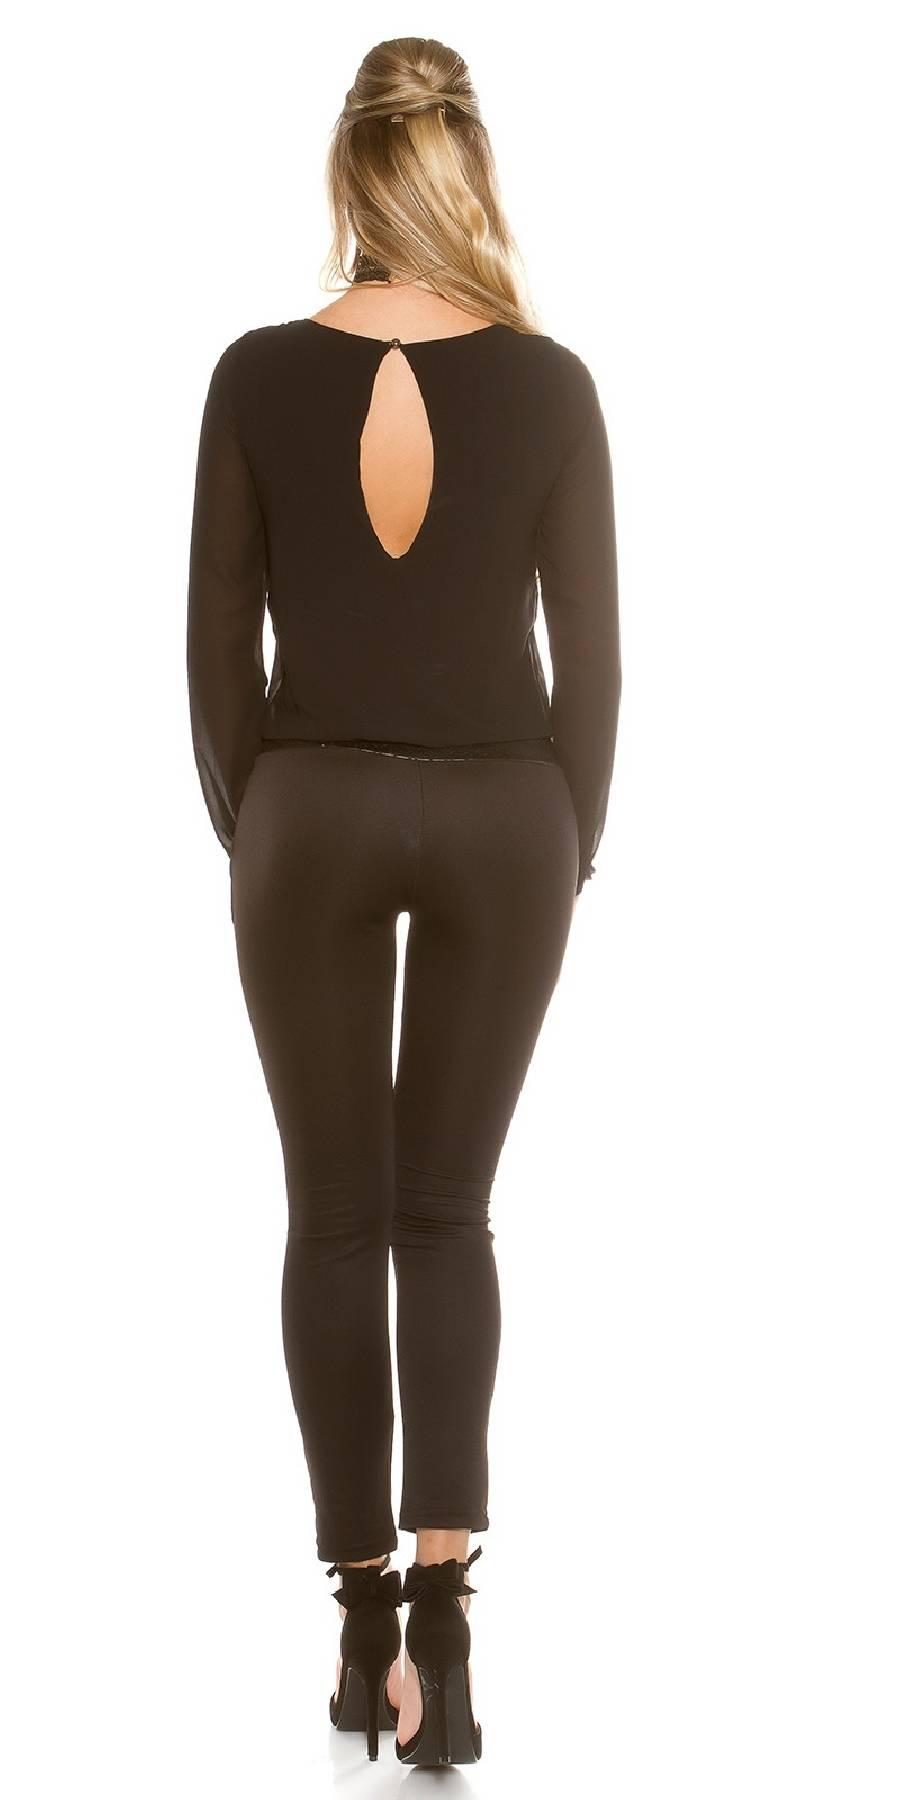 Robe fashion ARIANA avec ceinture couleur léopard/corail